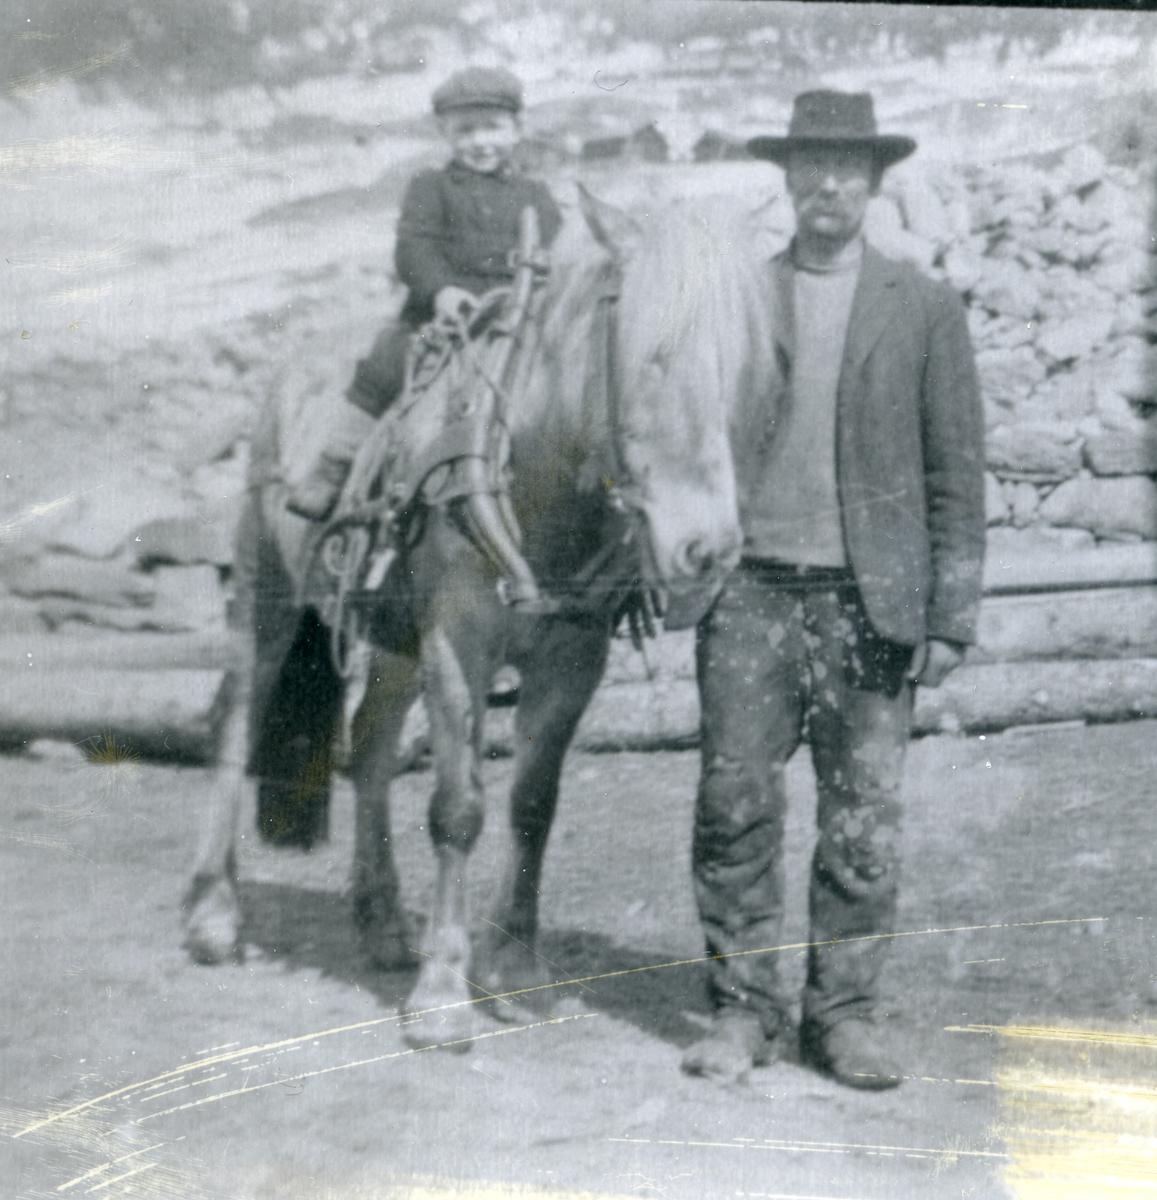 """Arbeidskar og påsæla hest med liten gut sitande på ryggen. Tømmerstokkar og steinhaug i bakgrunnen. """"Trufaste slitarar"""" påskreve ved bildet"""